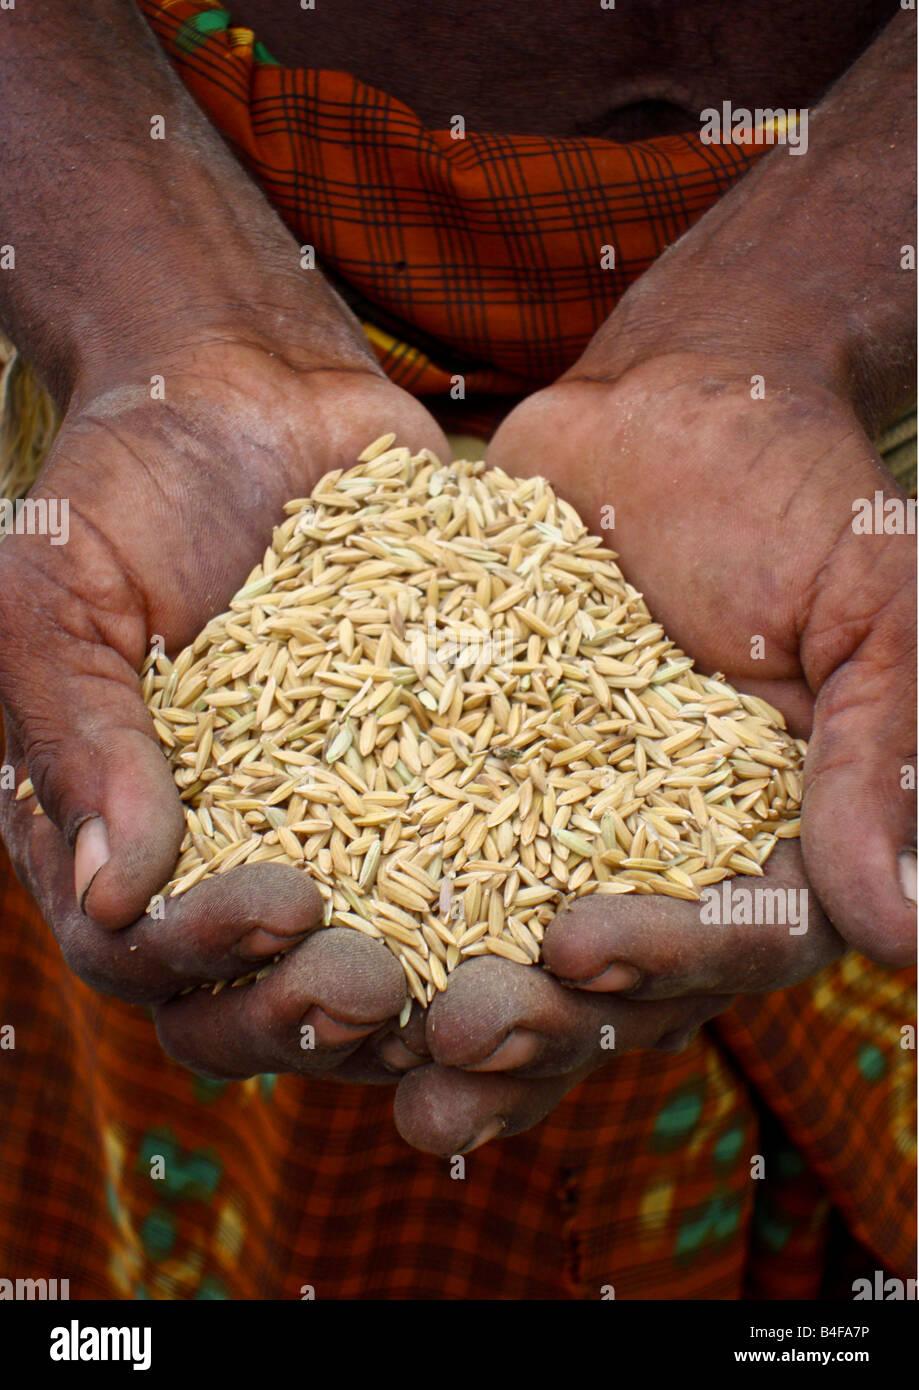 Asiatischer Mann mit frisch geernteten Reis mit Schalen in Hand gegossen werden, für die Verarbeitung und Fräsen Stockbild